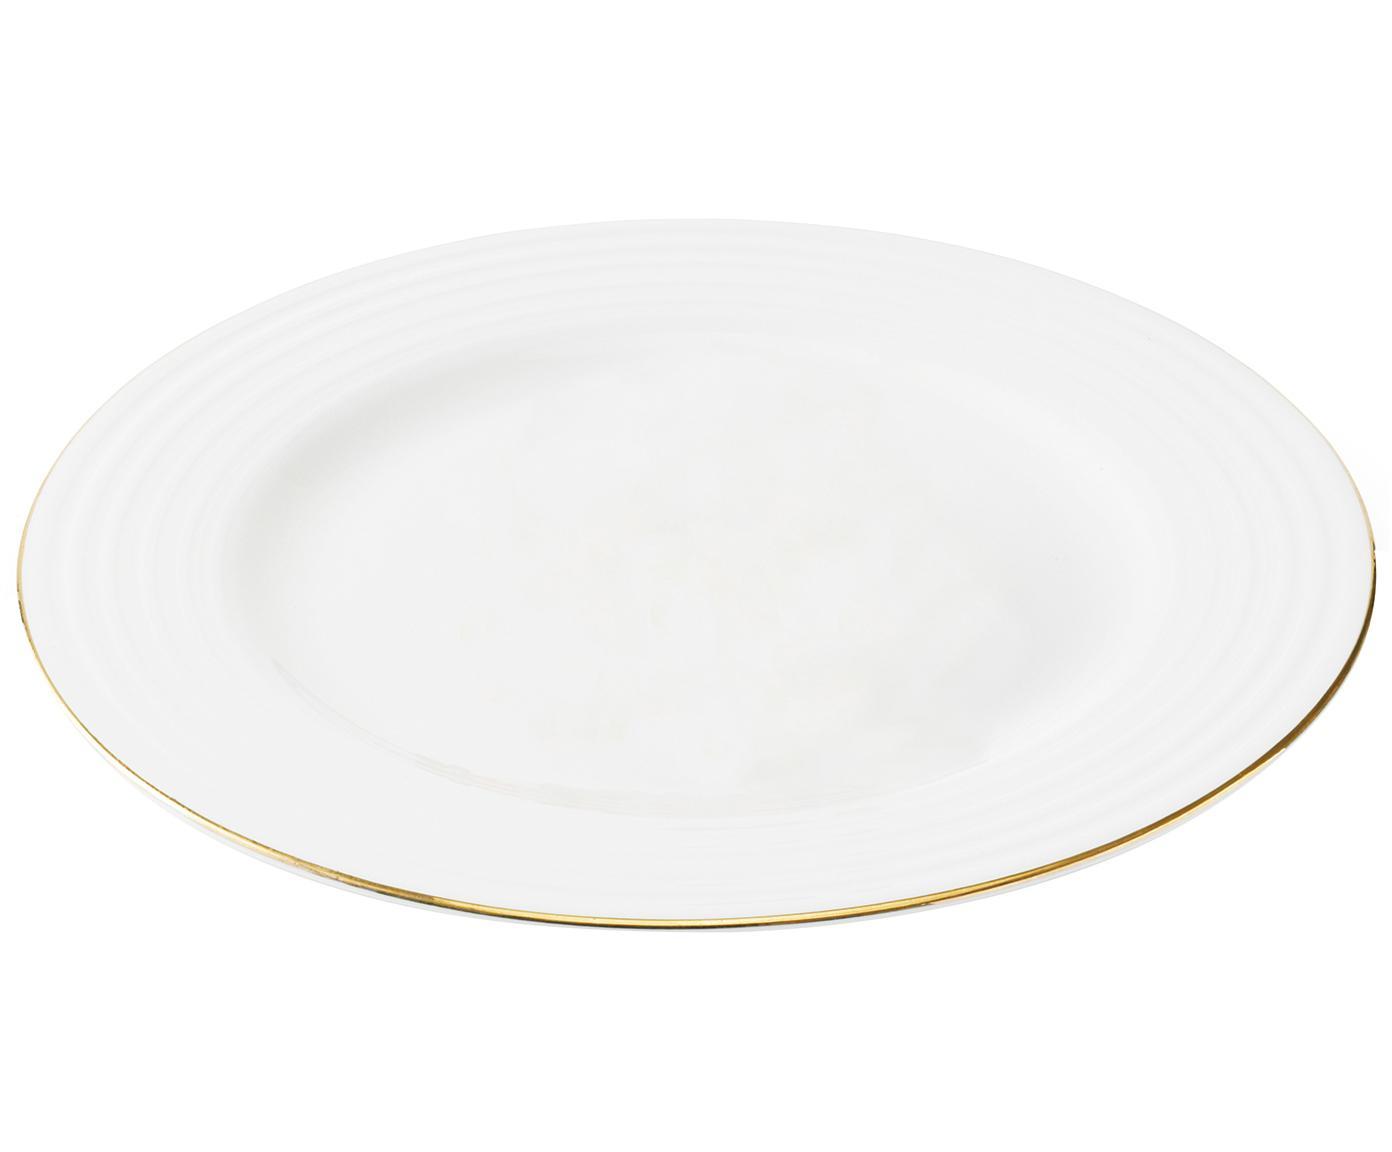 Talerz duży Cobald, 4 szt., Porcelana, Biały, odcienie złotego, Ø 28 cm